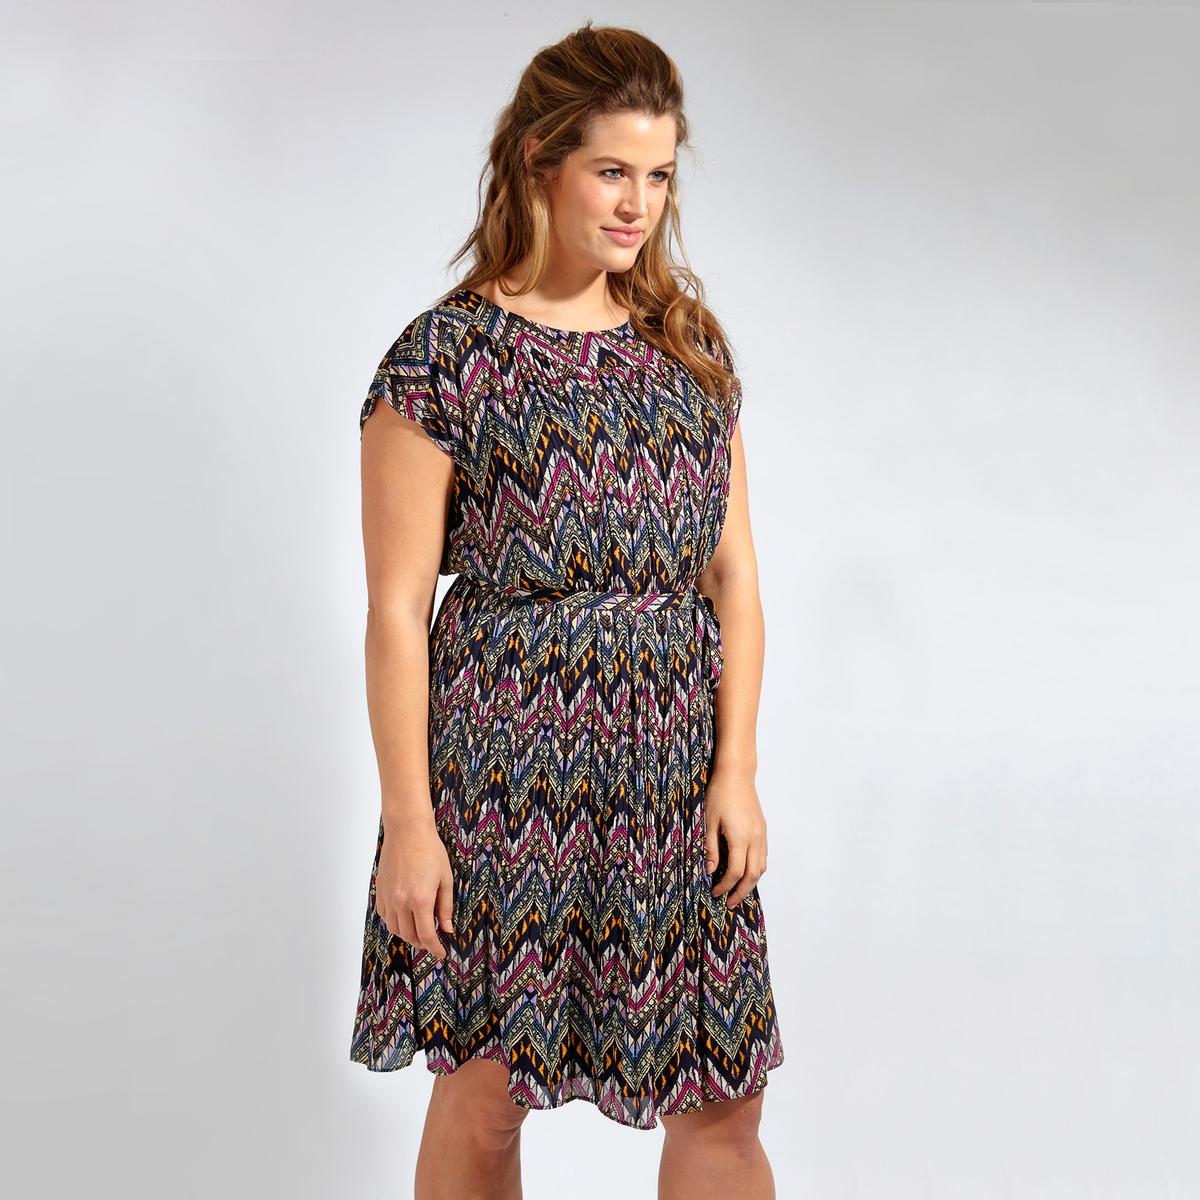 ПлатьеПлатье с короткими рукавами KOKO BY KOKO. Круглый вырез. 100% полиэстер<br><br>Цвет: набивной рисунок<br>Размер: 58/60 (FR) - 64/66 (RUS)